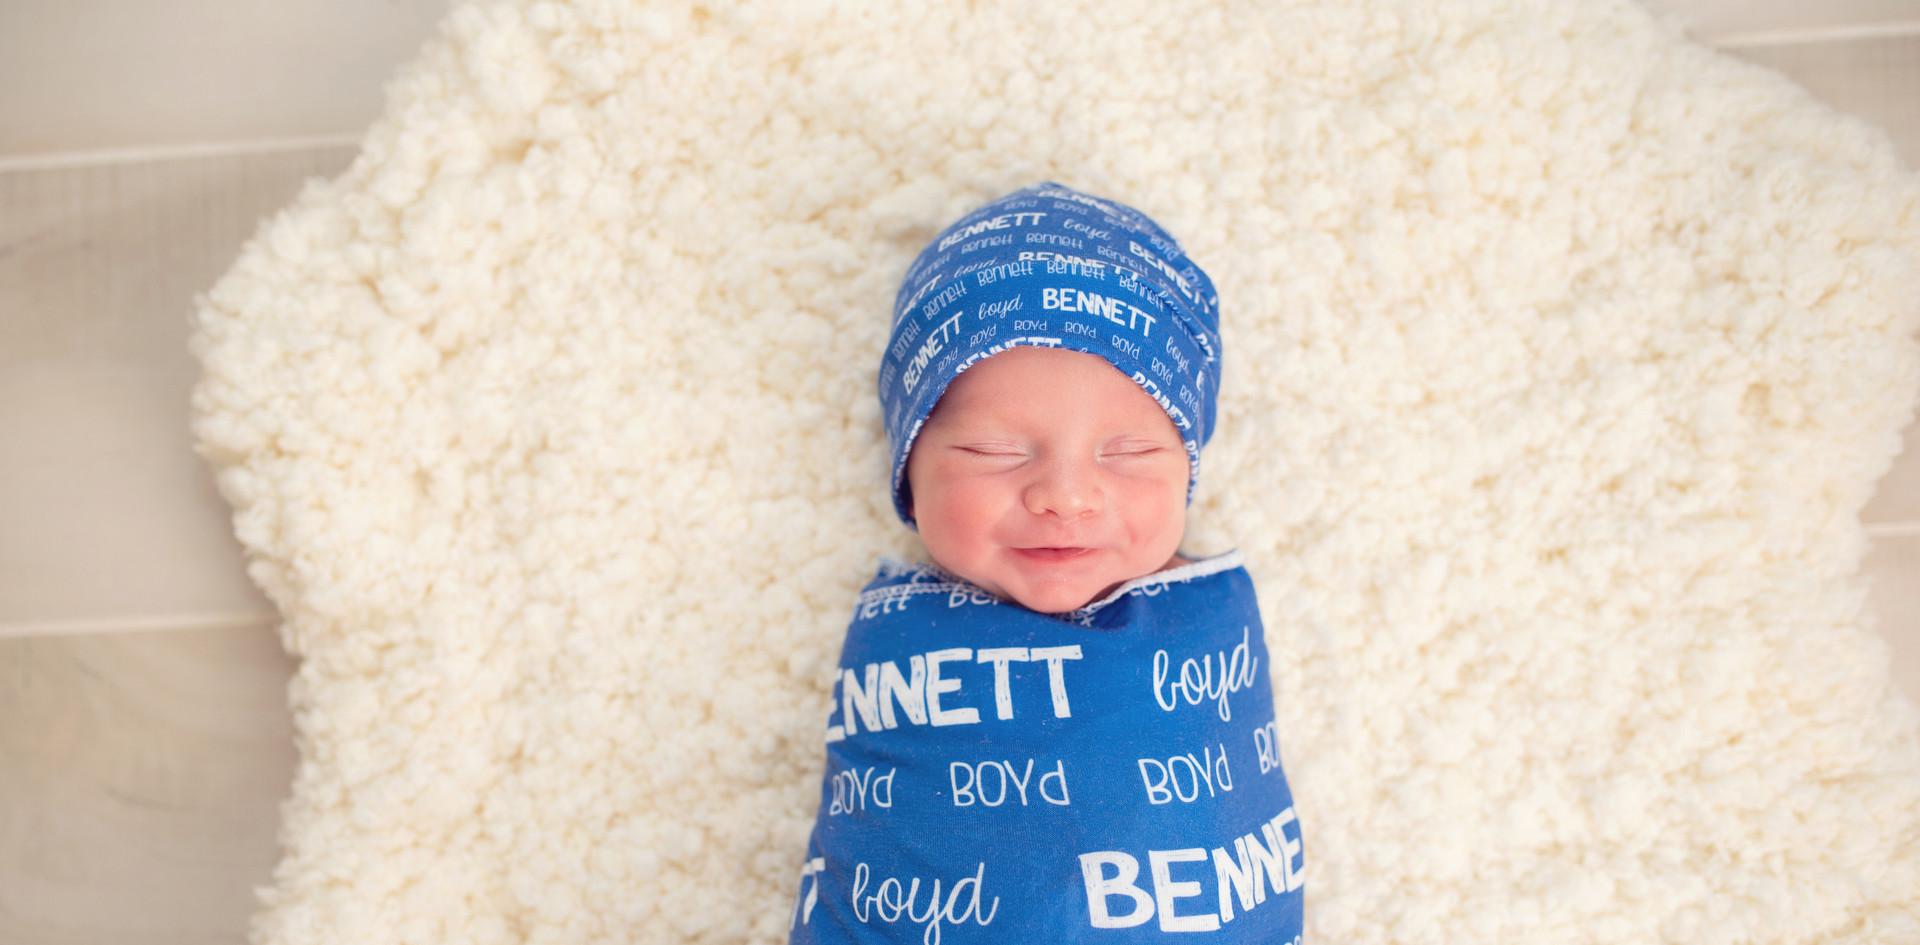 Bennett-67.jpg